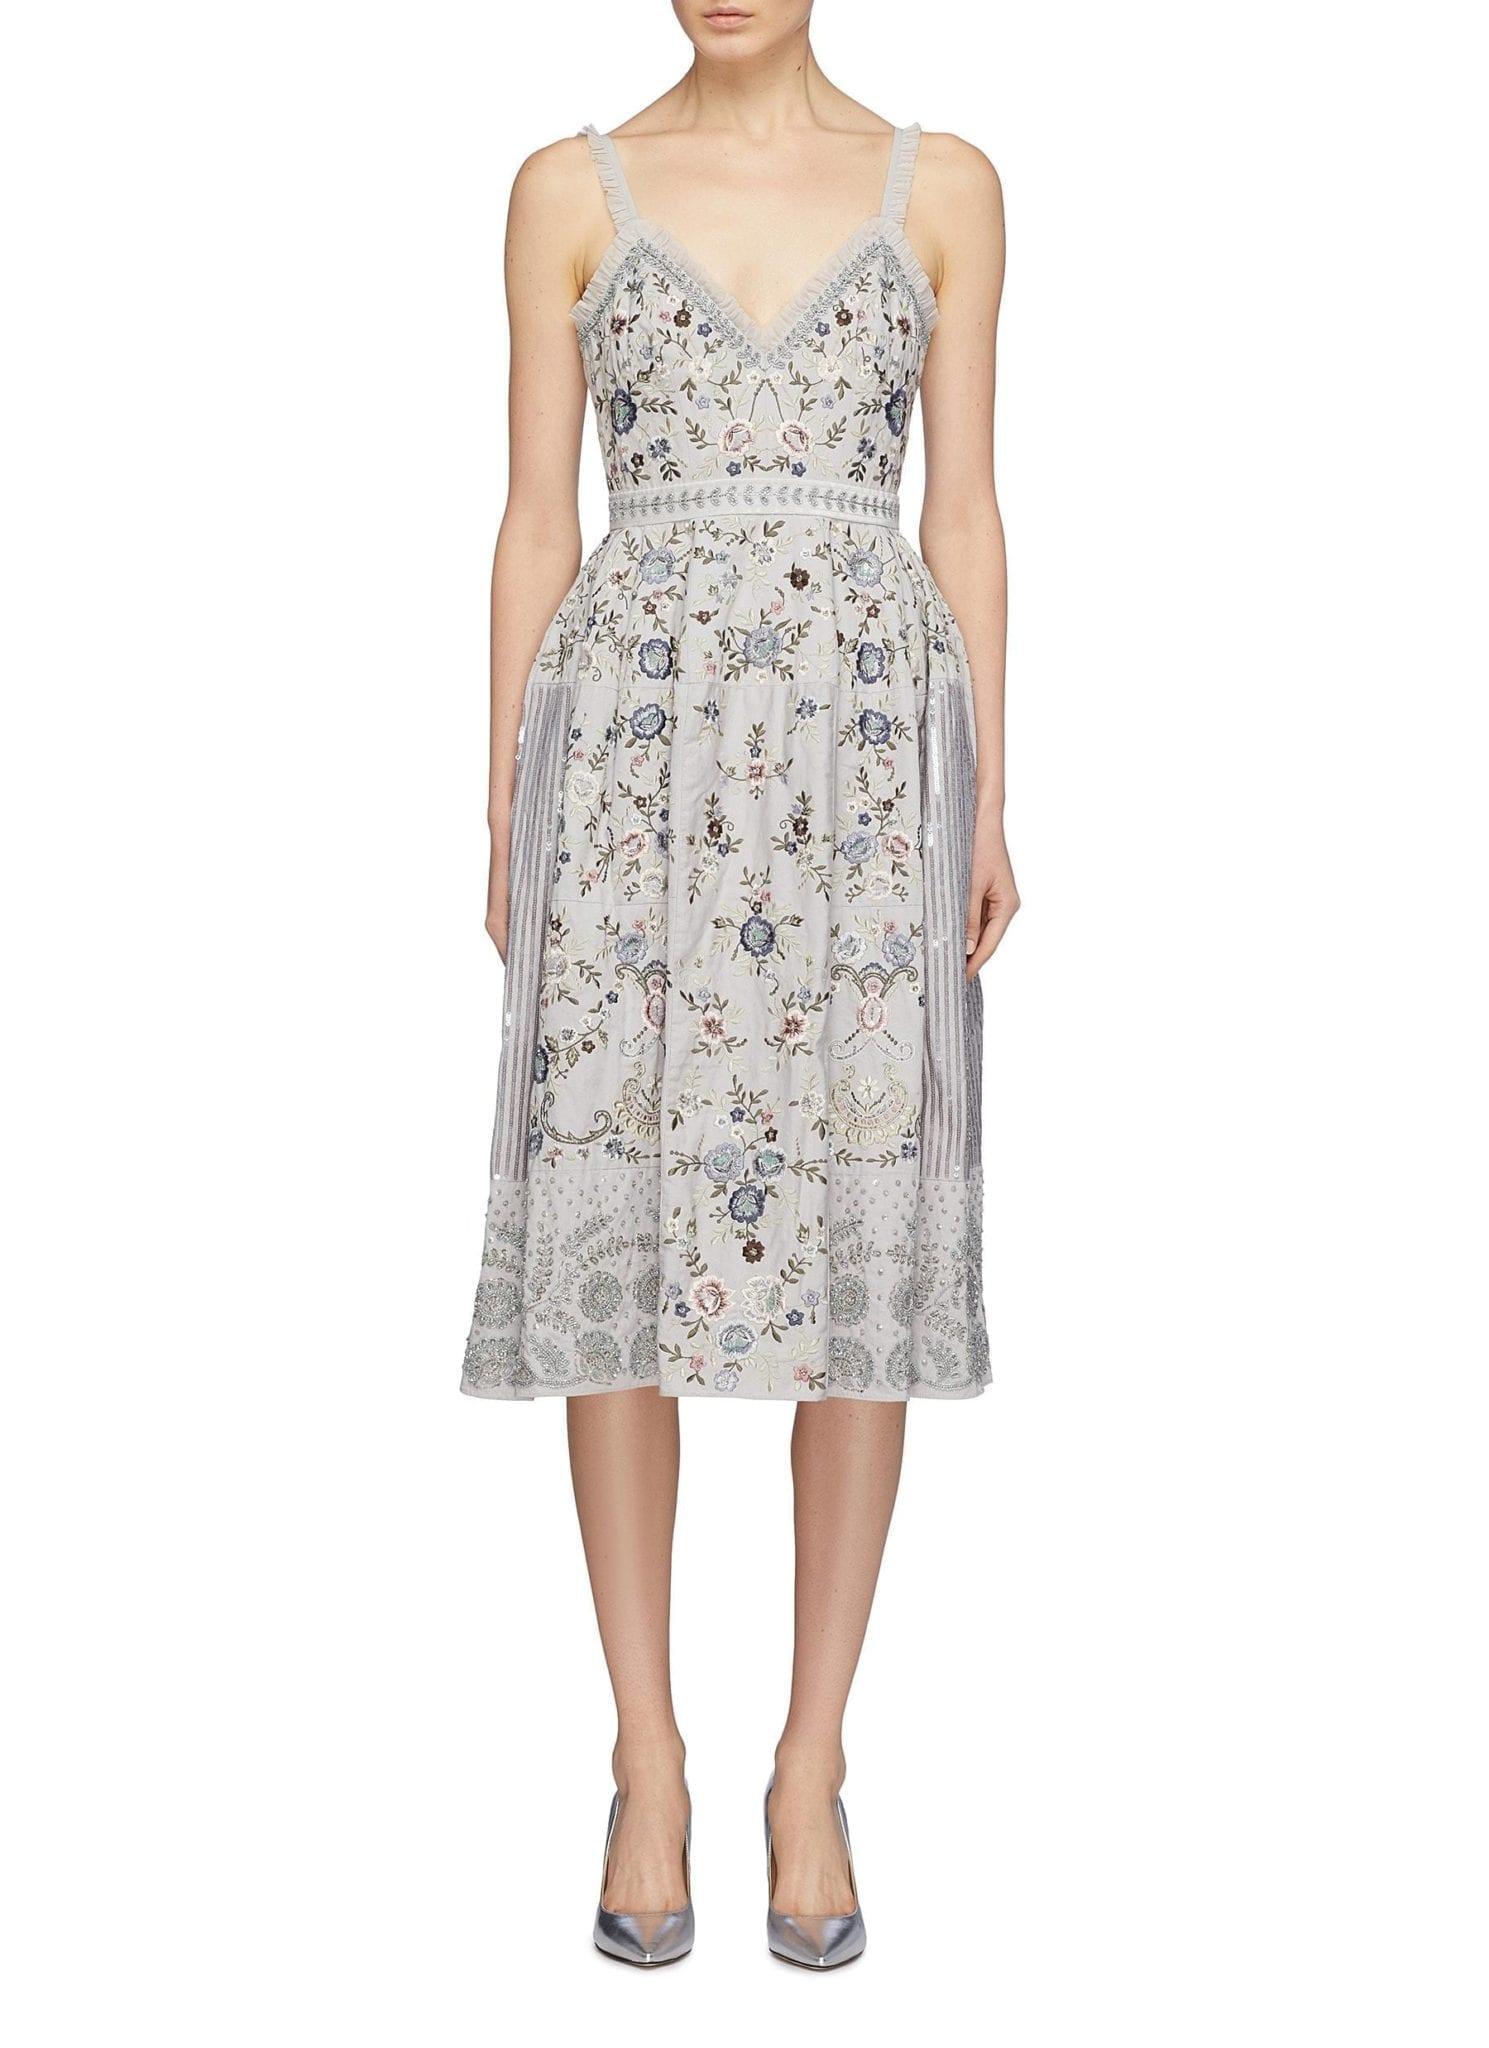 NEEDLE & THREAD 'ella' Floral Embellished Sequin Patchwork Blue Dress